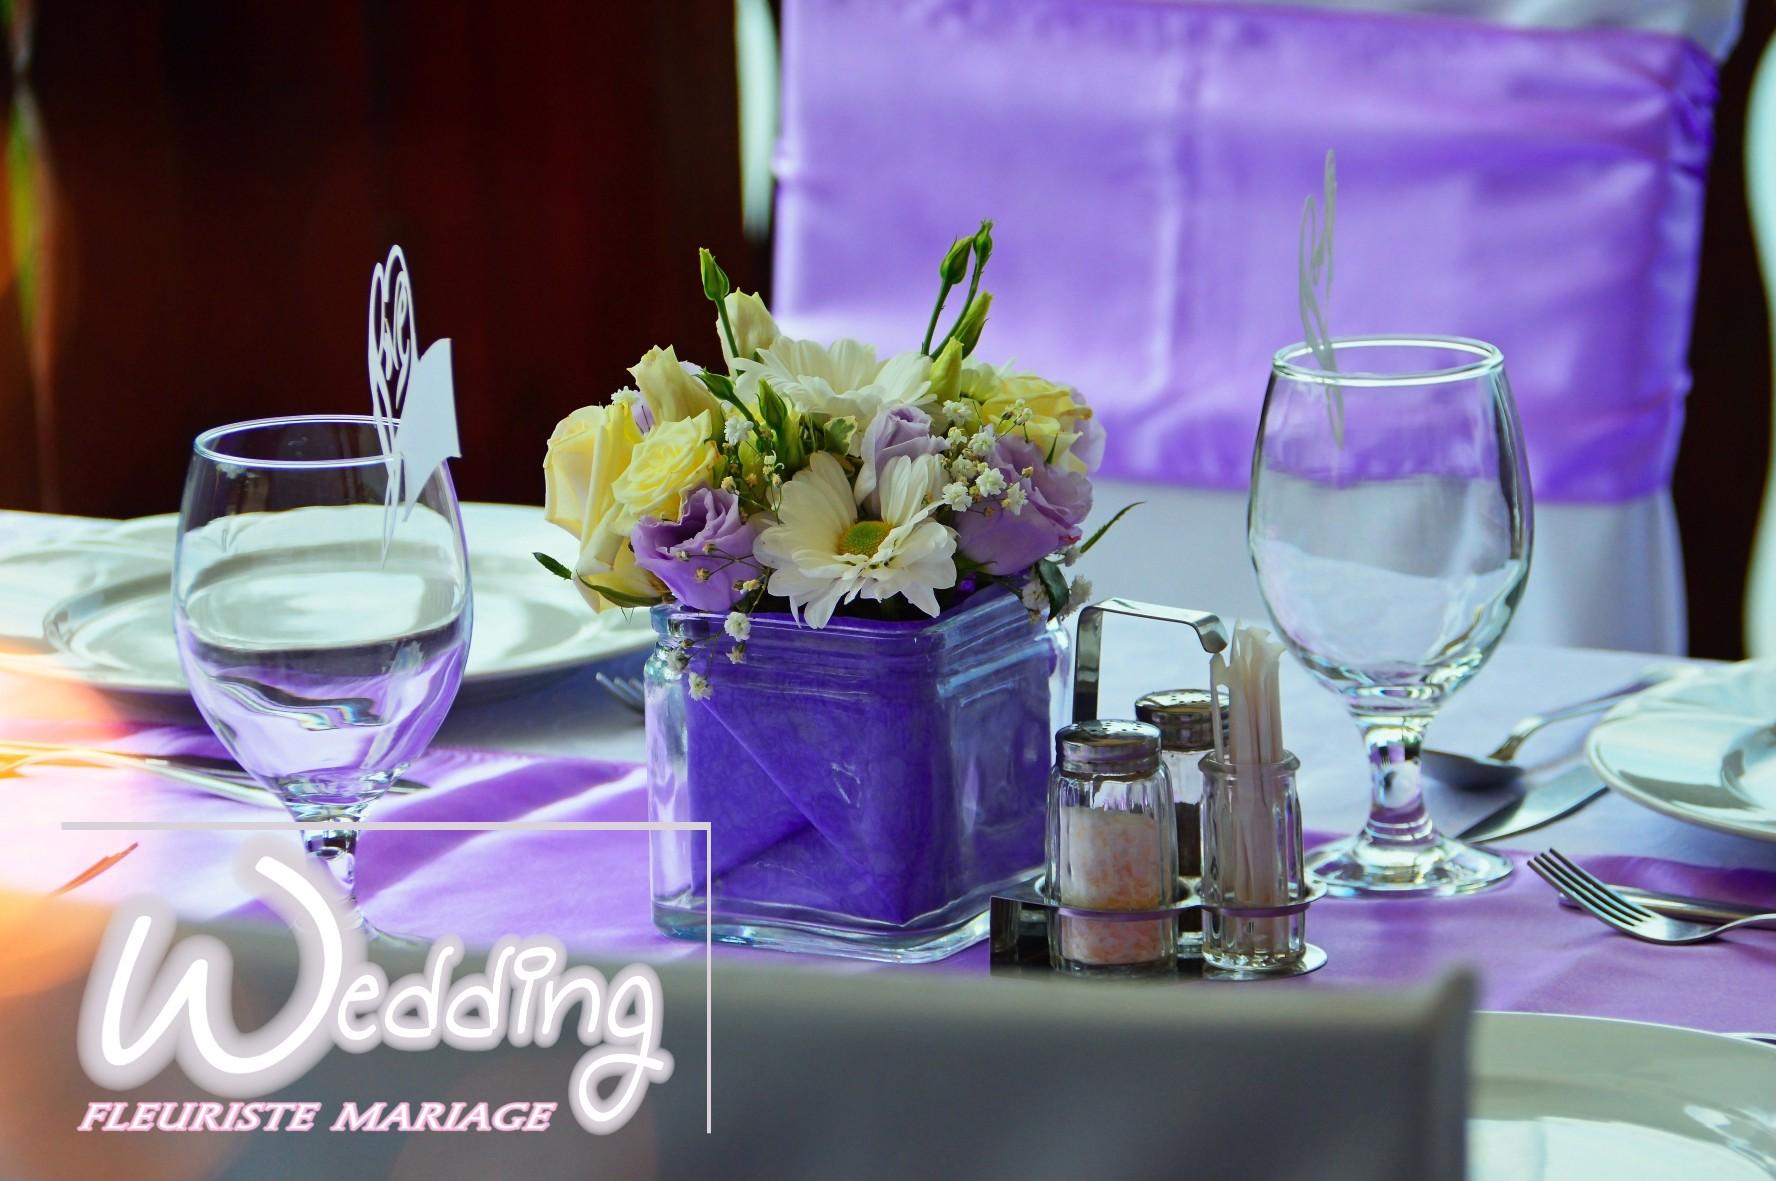 fleuriste pour réception, anniversaire, traiteur, wedding planner